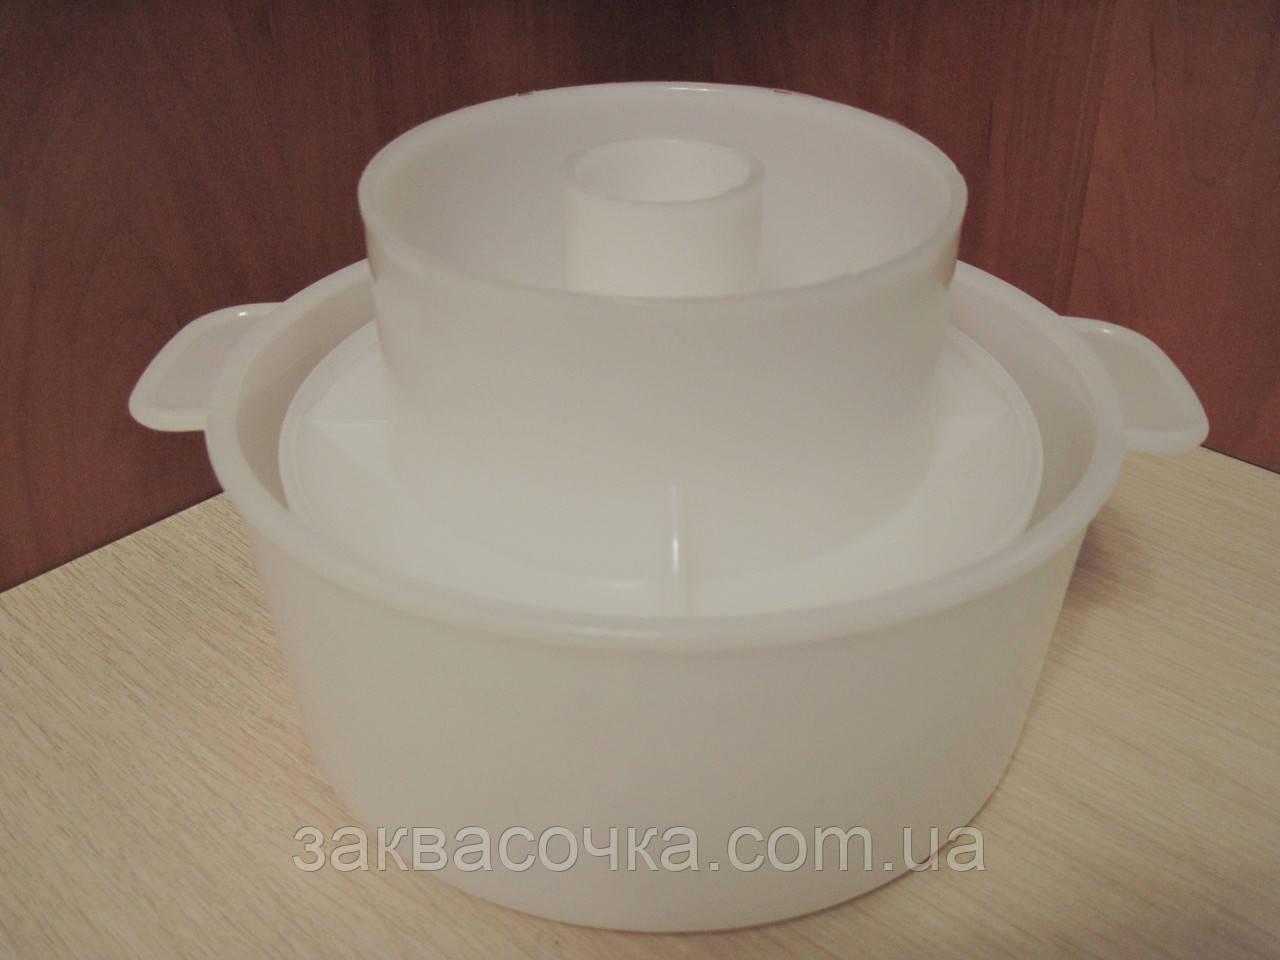 Форма для сыров(на0,5-1кг) с поршнем